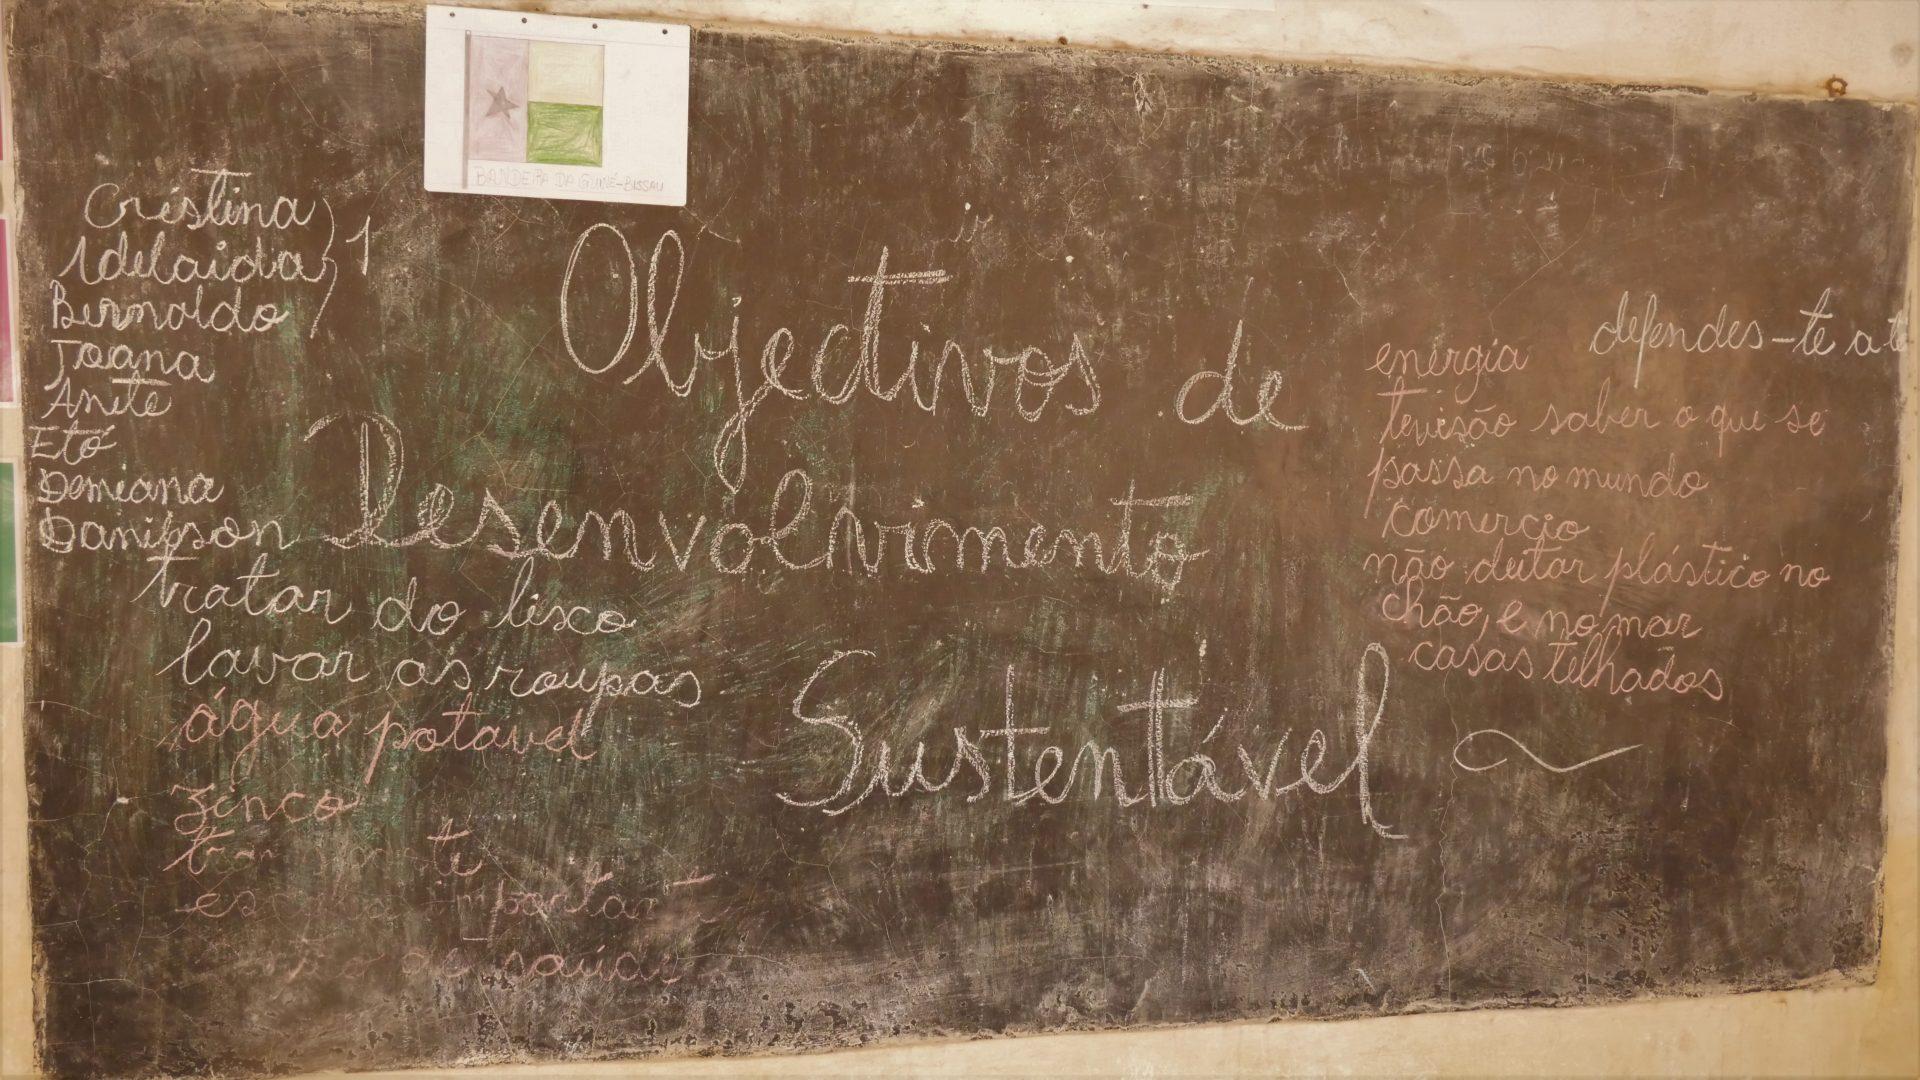 CELEBRATING THE PORTUGUESE LANGUAGE